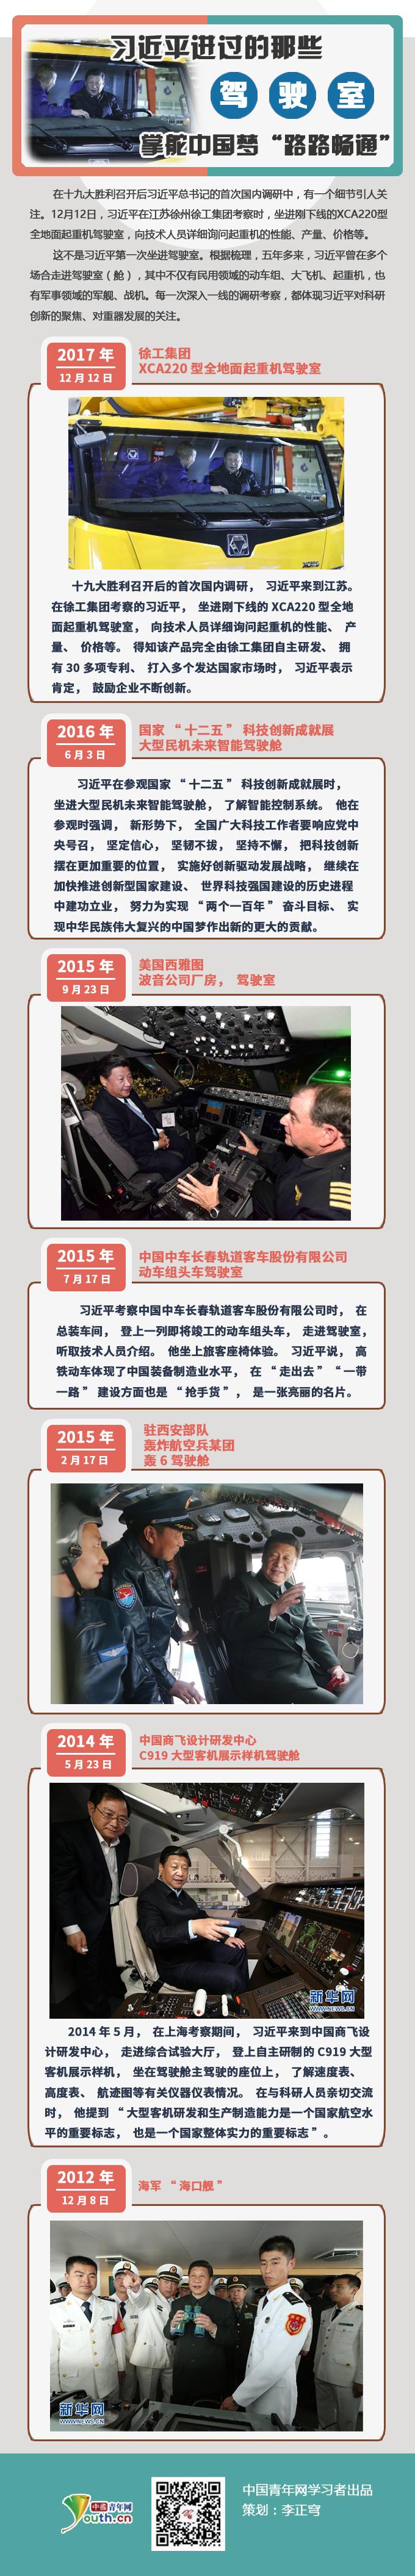 """习近平进过的那些驾驶室 掌舵中国梦""""路路畅通"""""""